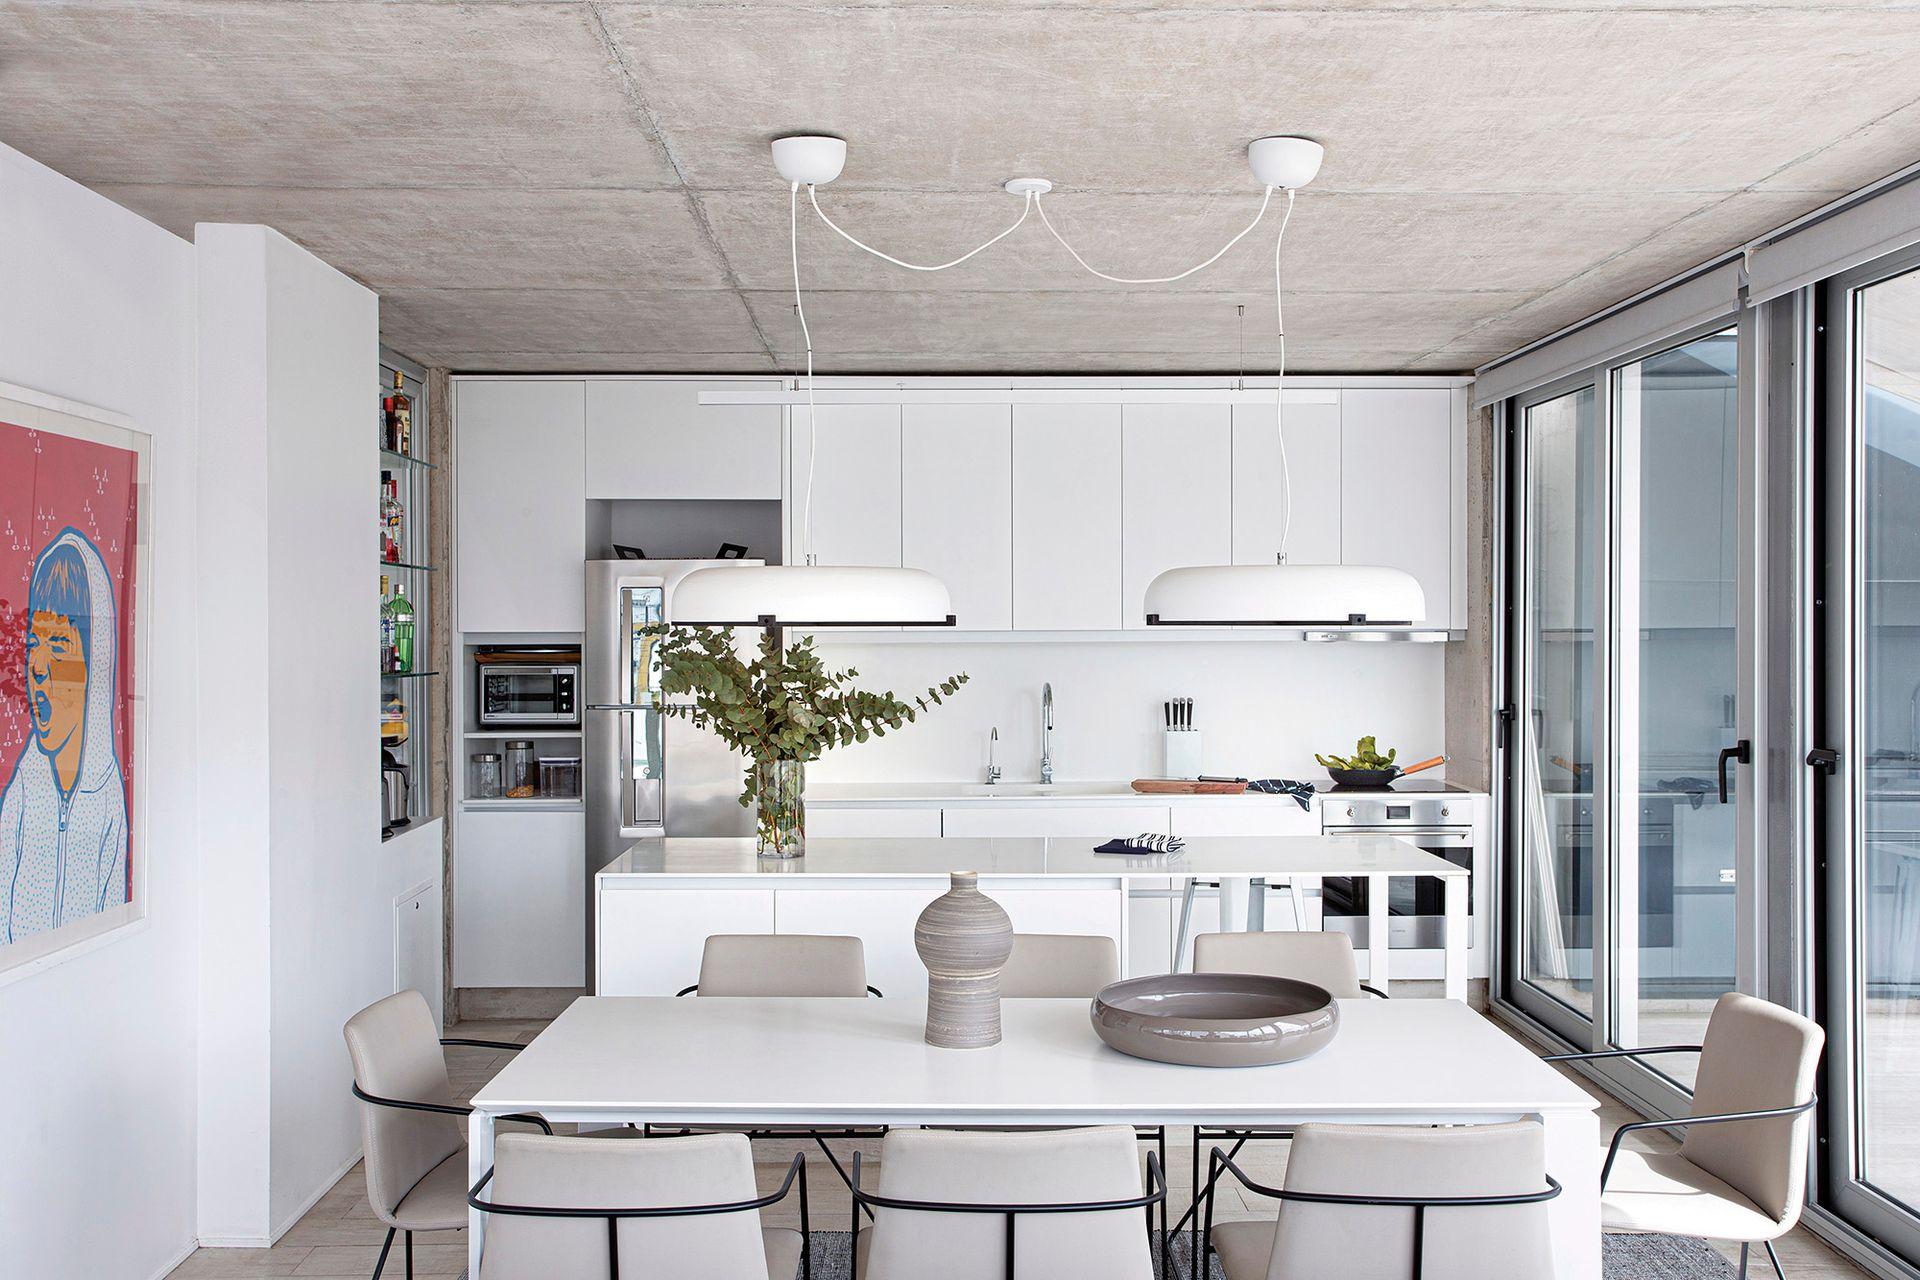 Obra de Diego Roa. Muebles de cocina con frente laqueado, mesada y alzada de Corian e isla, todo diseño de Estudio CDW ejecutado por Mi Cocina.